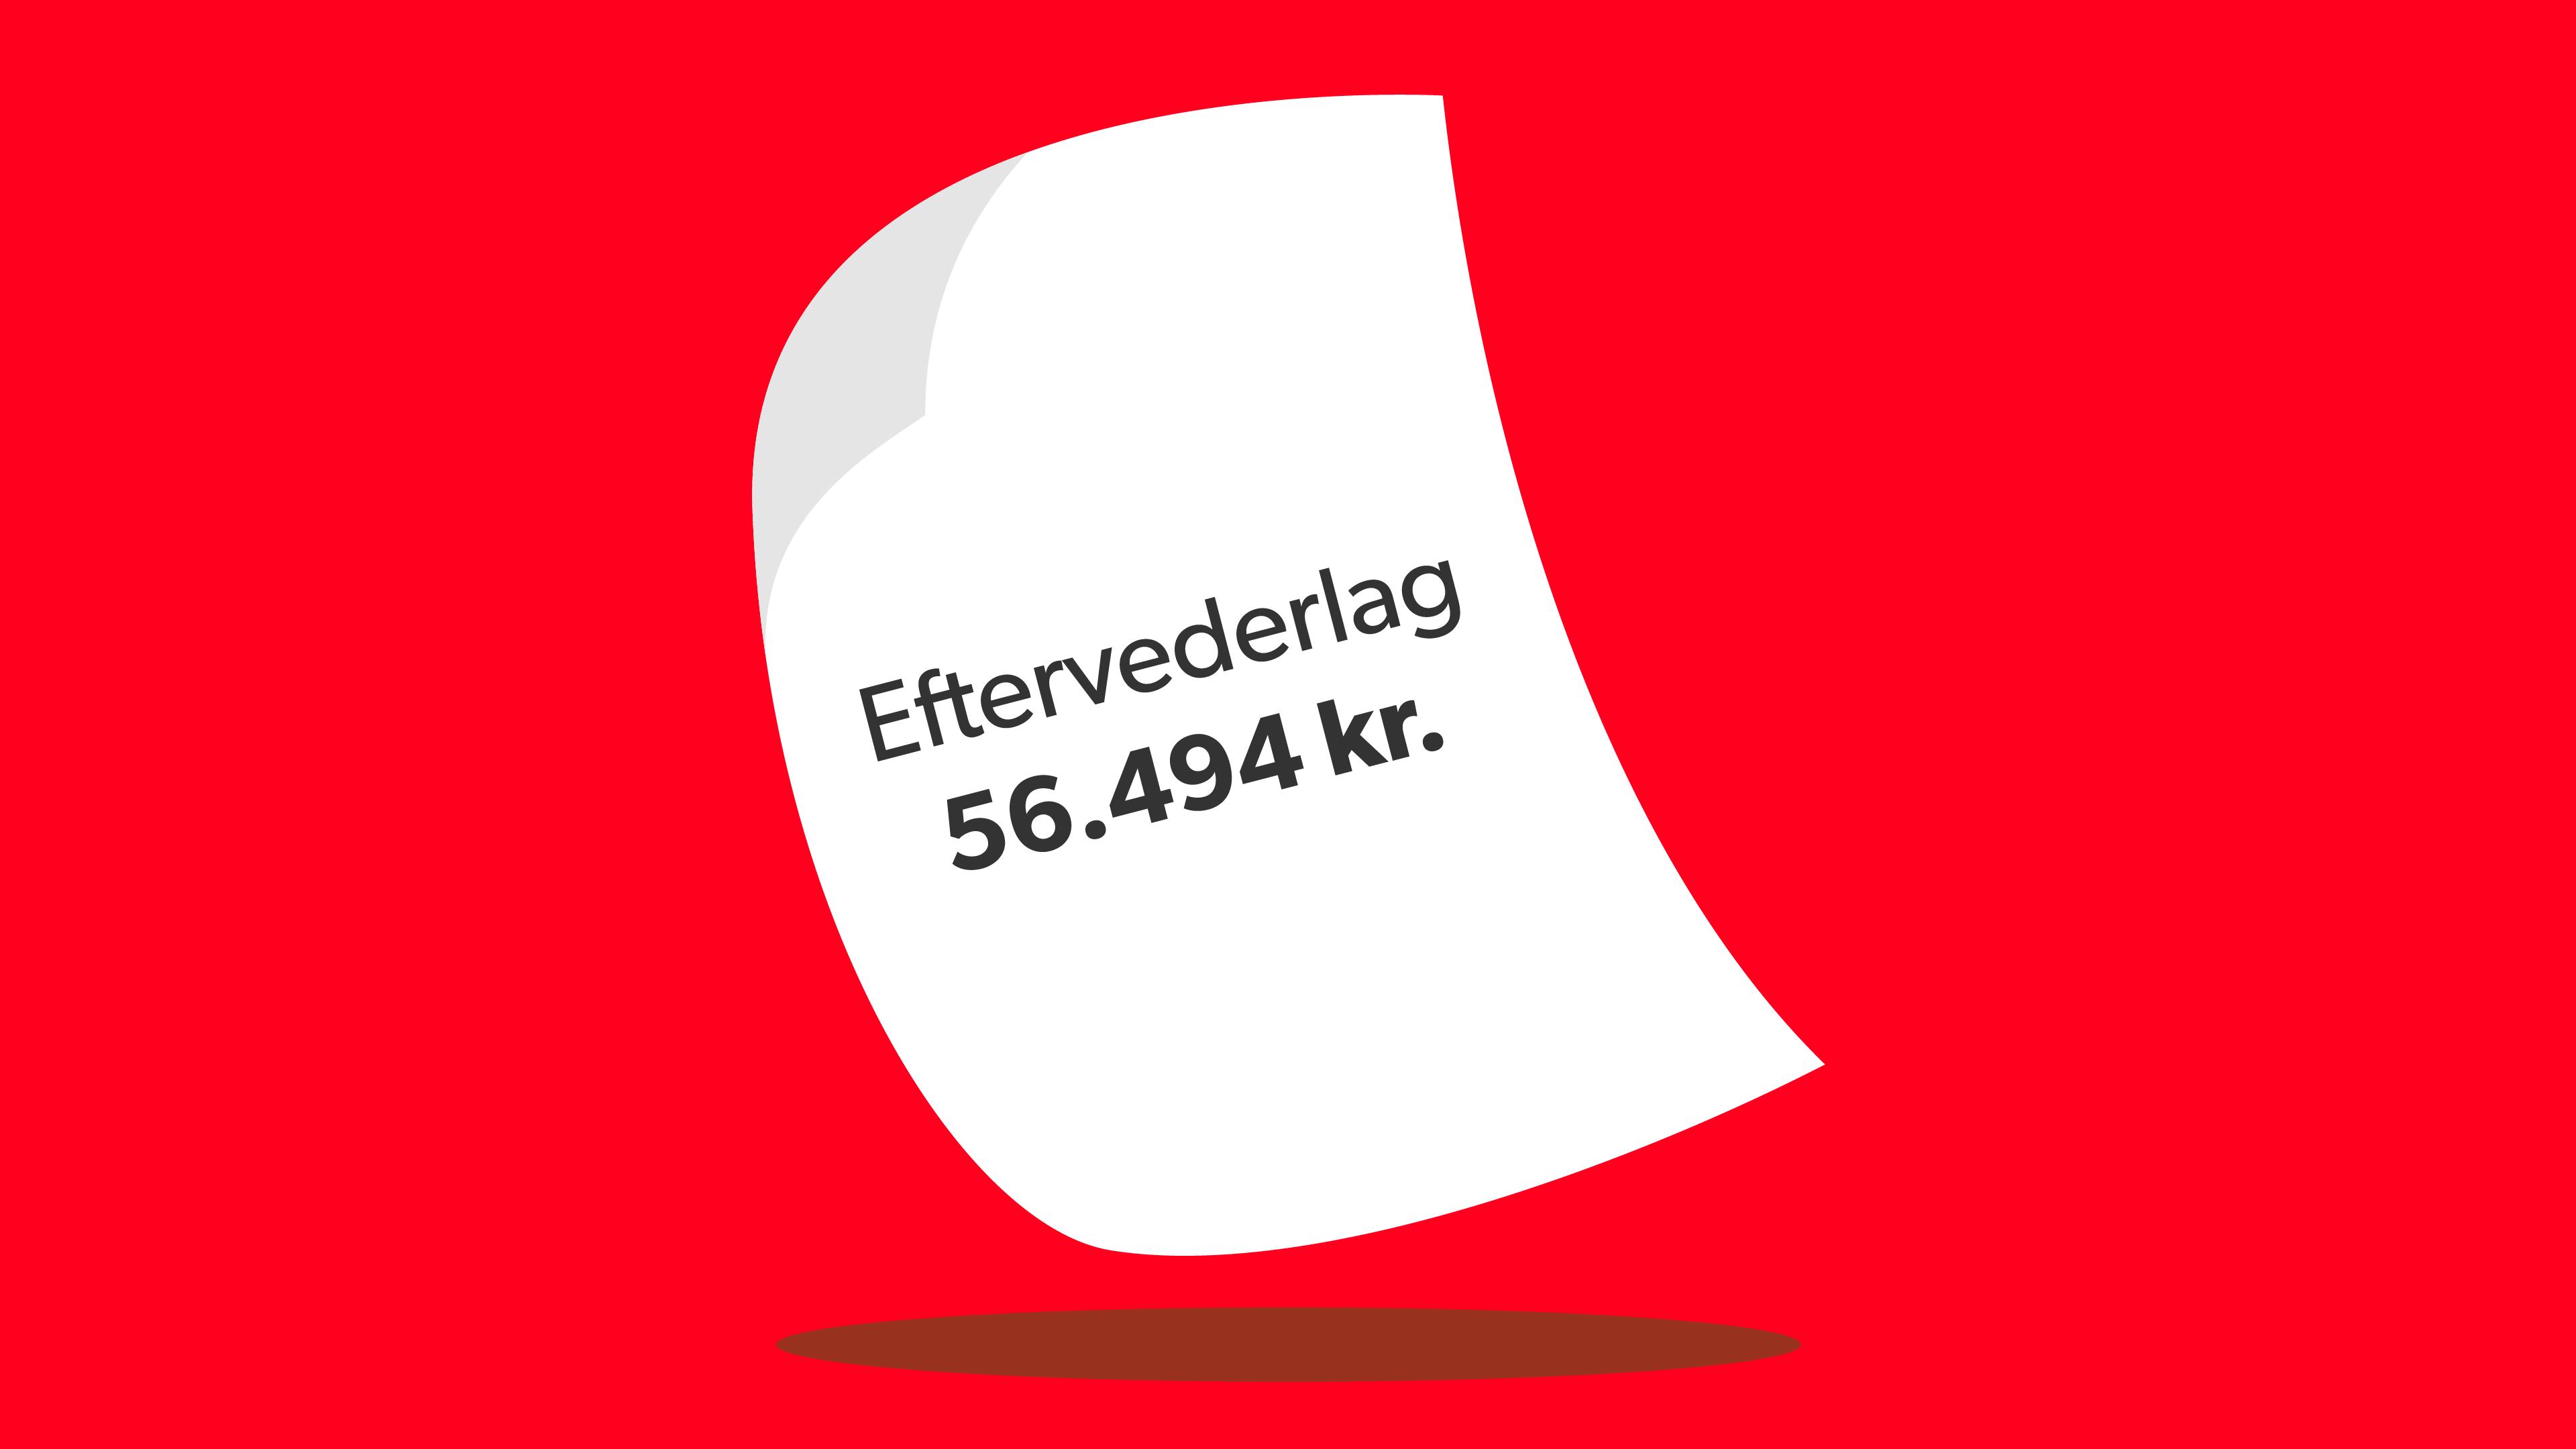 teaser_eftervederlag.png